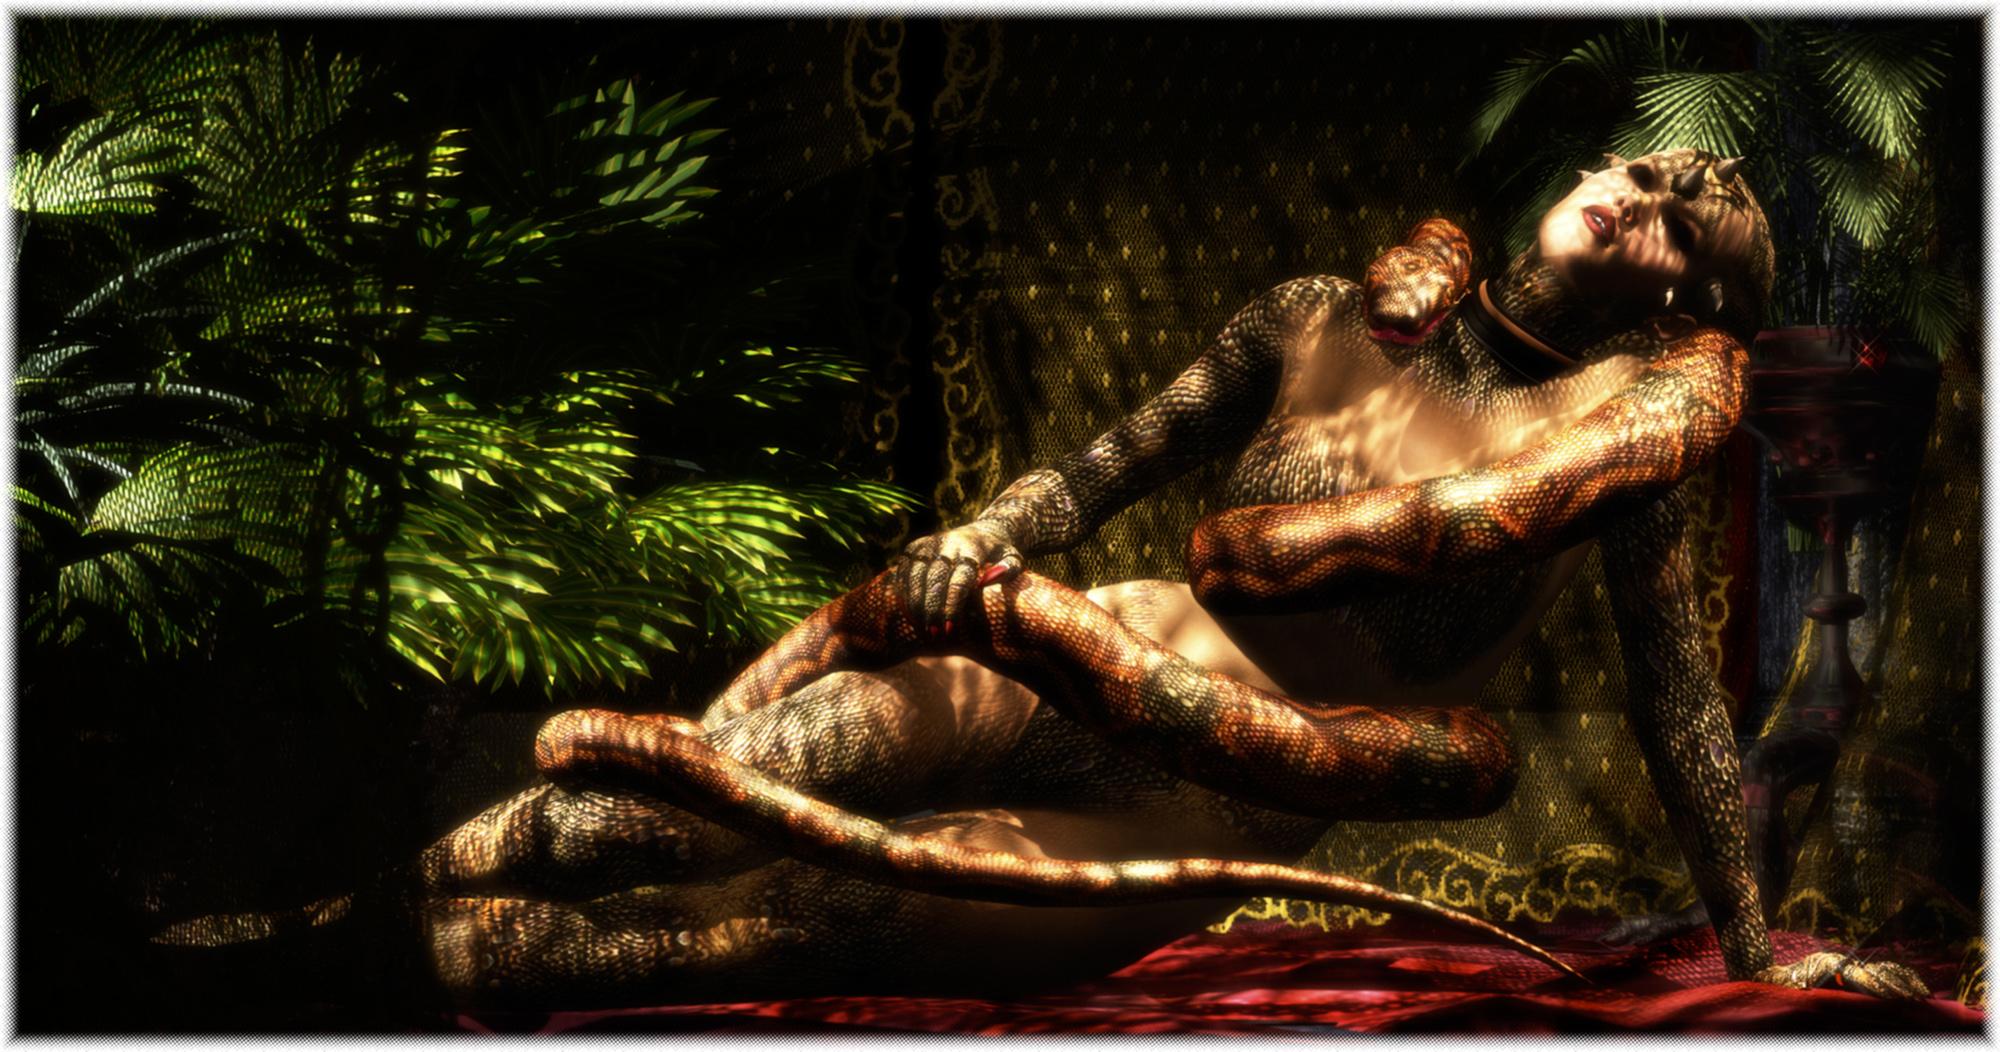 Serpent Queen-artwork.jpg